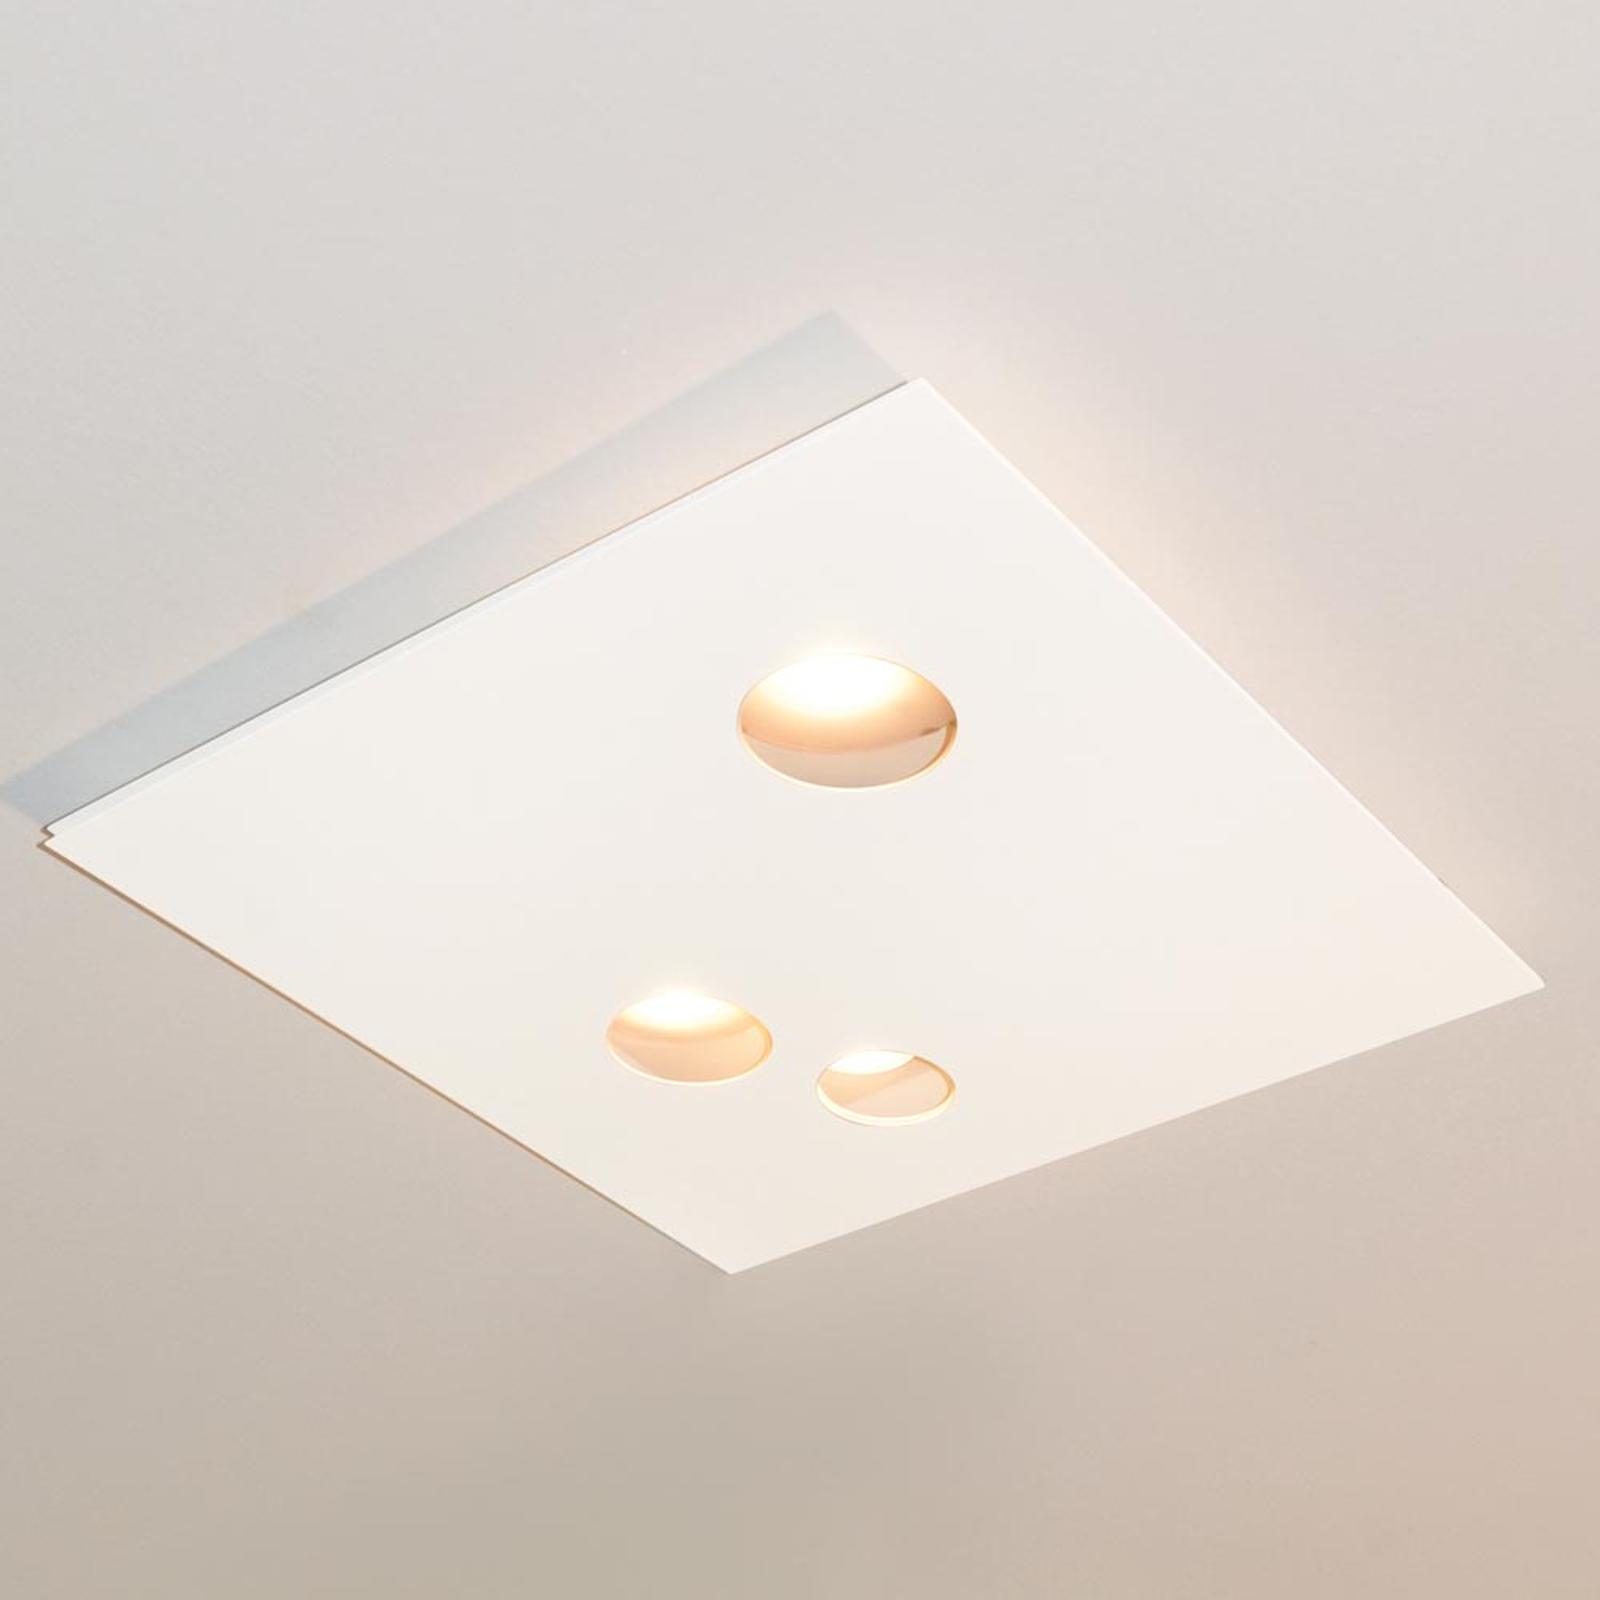 Knikerboker Des.agn - plafonnier LED, trous ronds